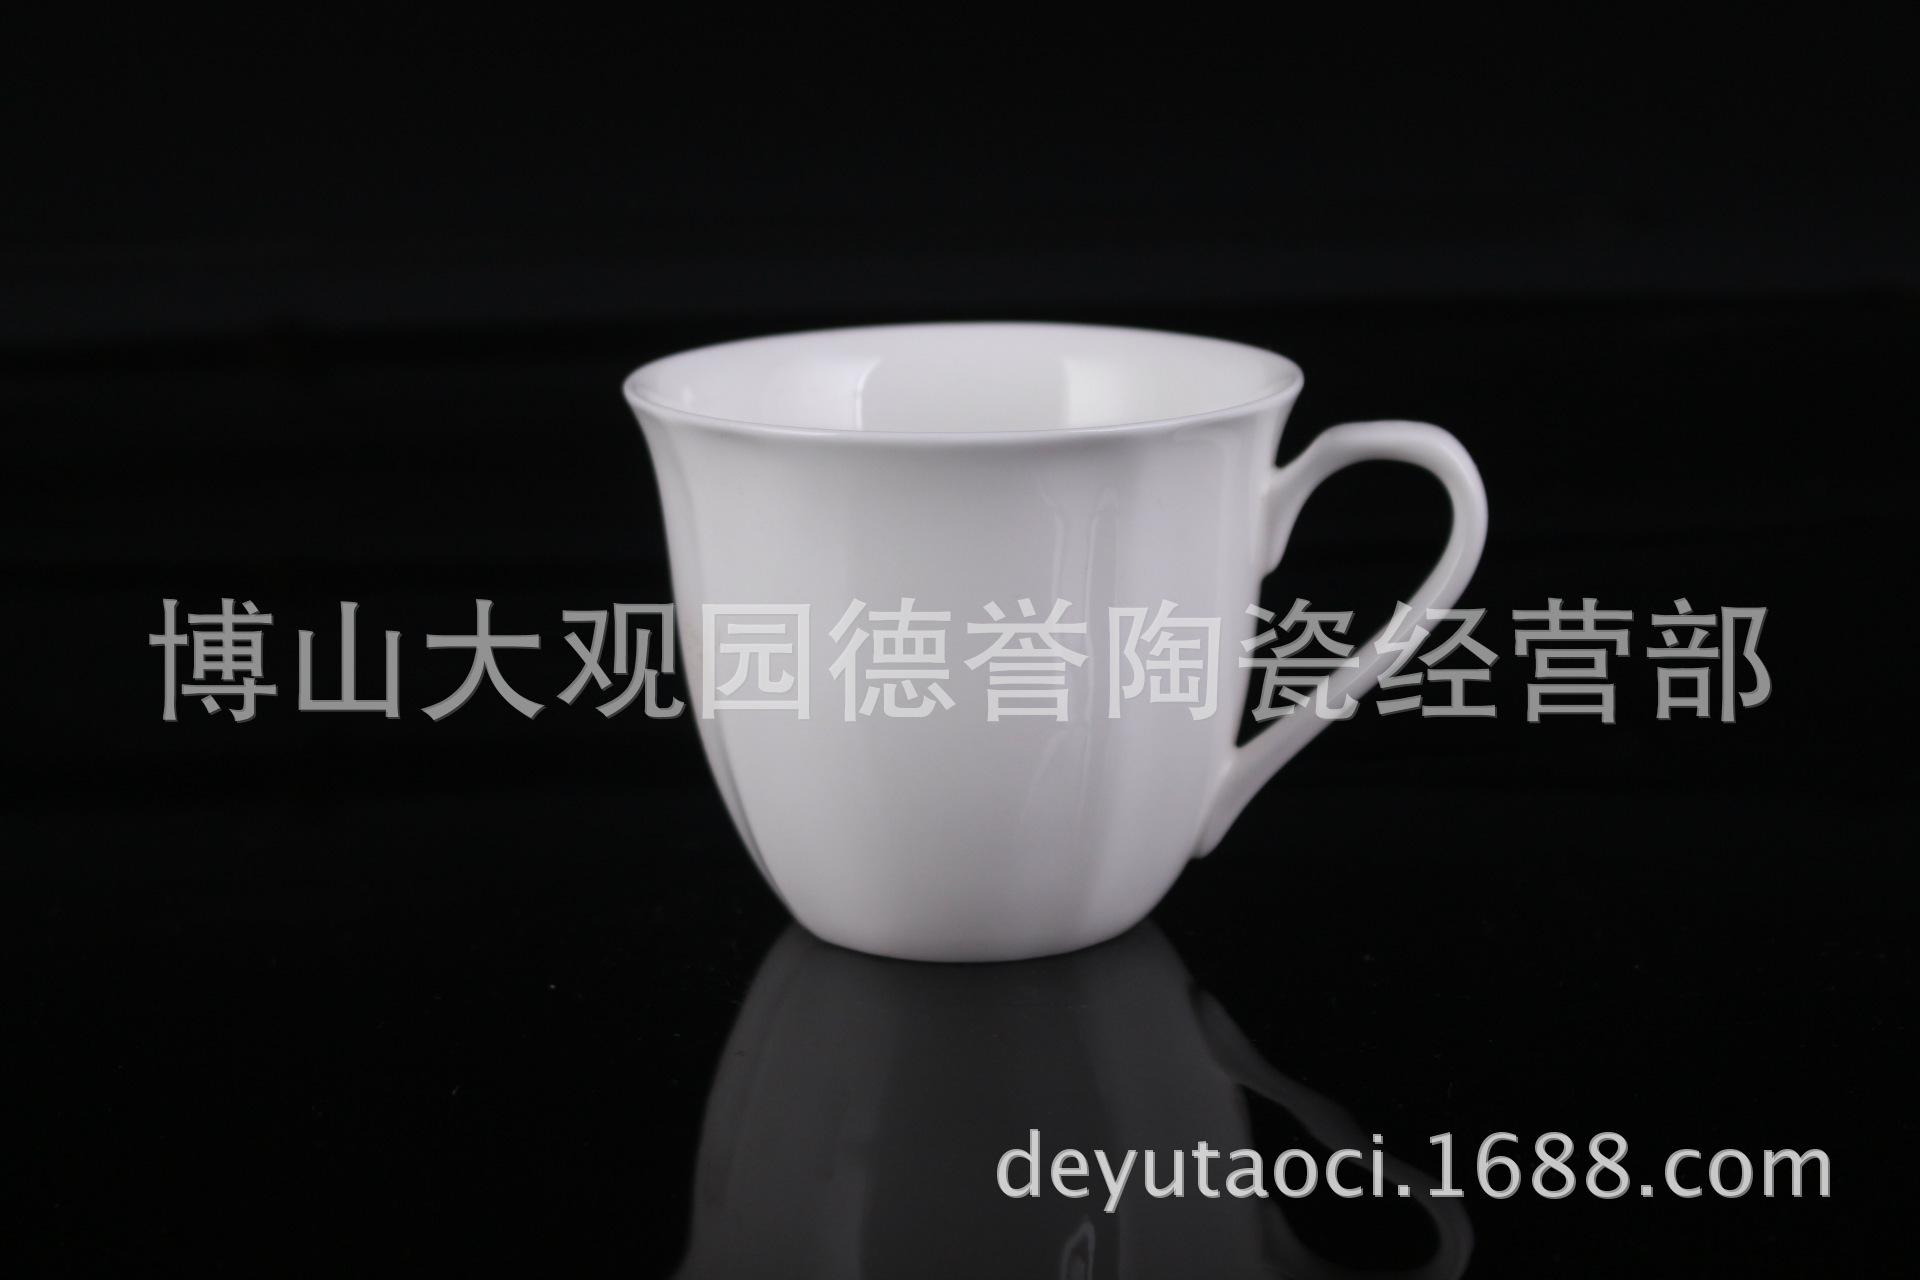 厂家直销高档创意礼品陶瓷杯情侣杯子马克杯生日婚庆回陶瓷杯